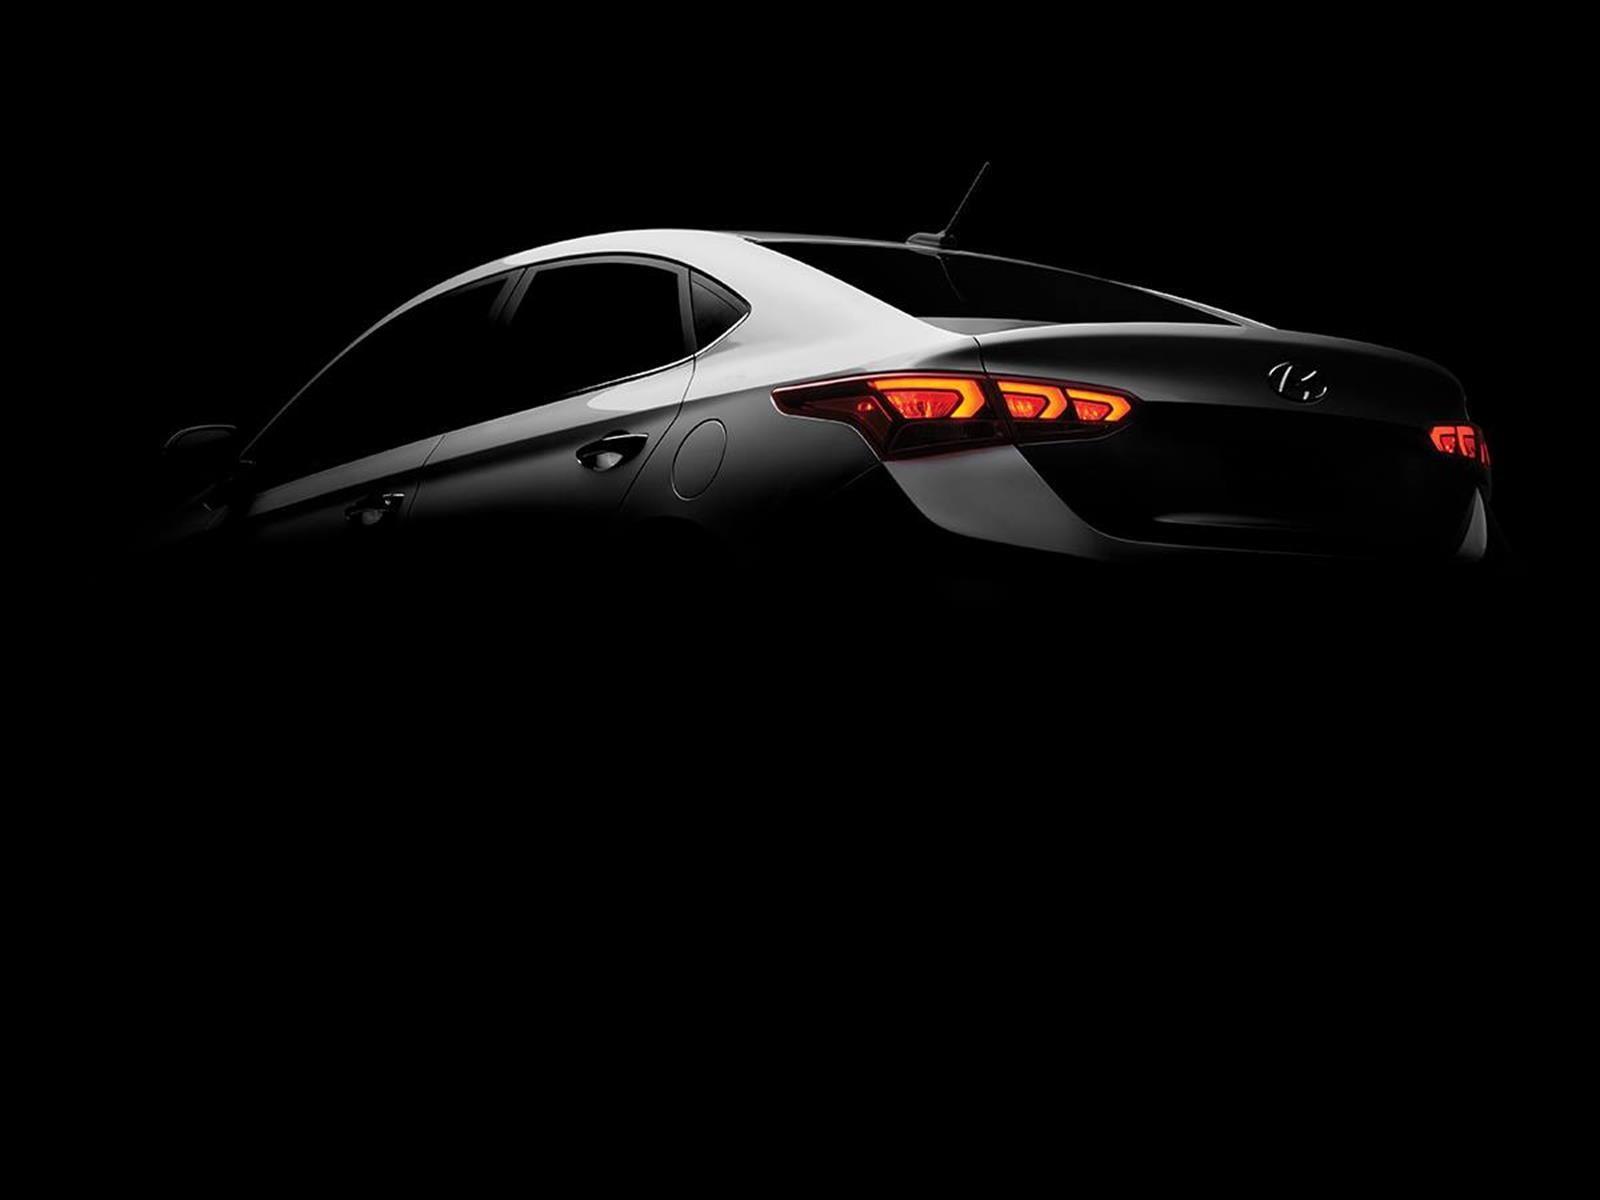 Hyundai Accent 2018 anticipa la nueva generación